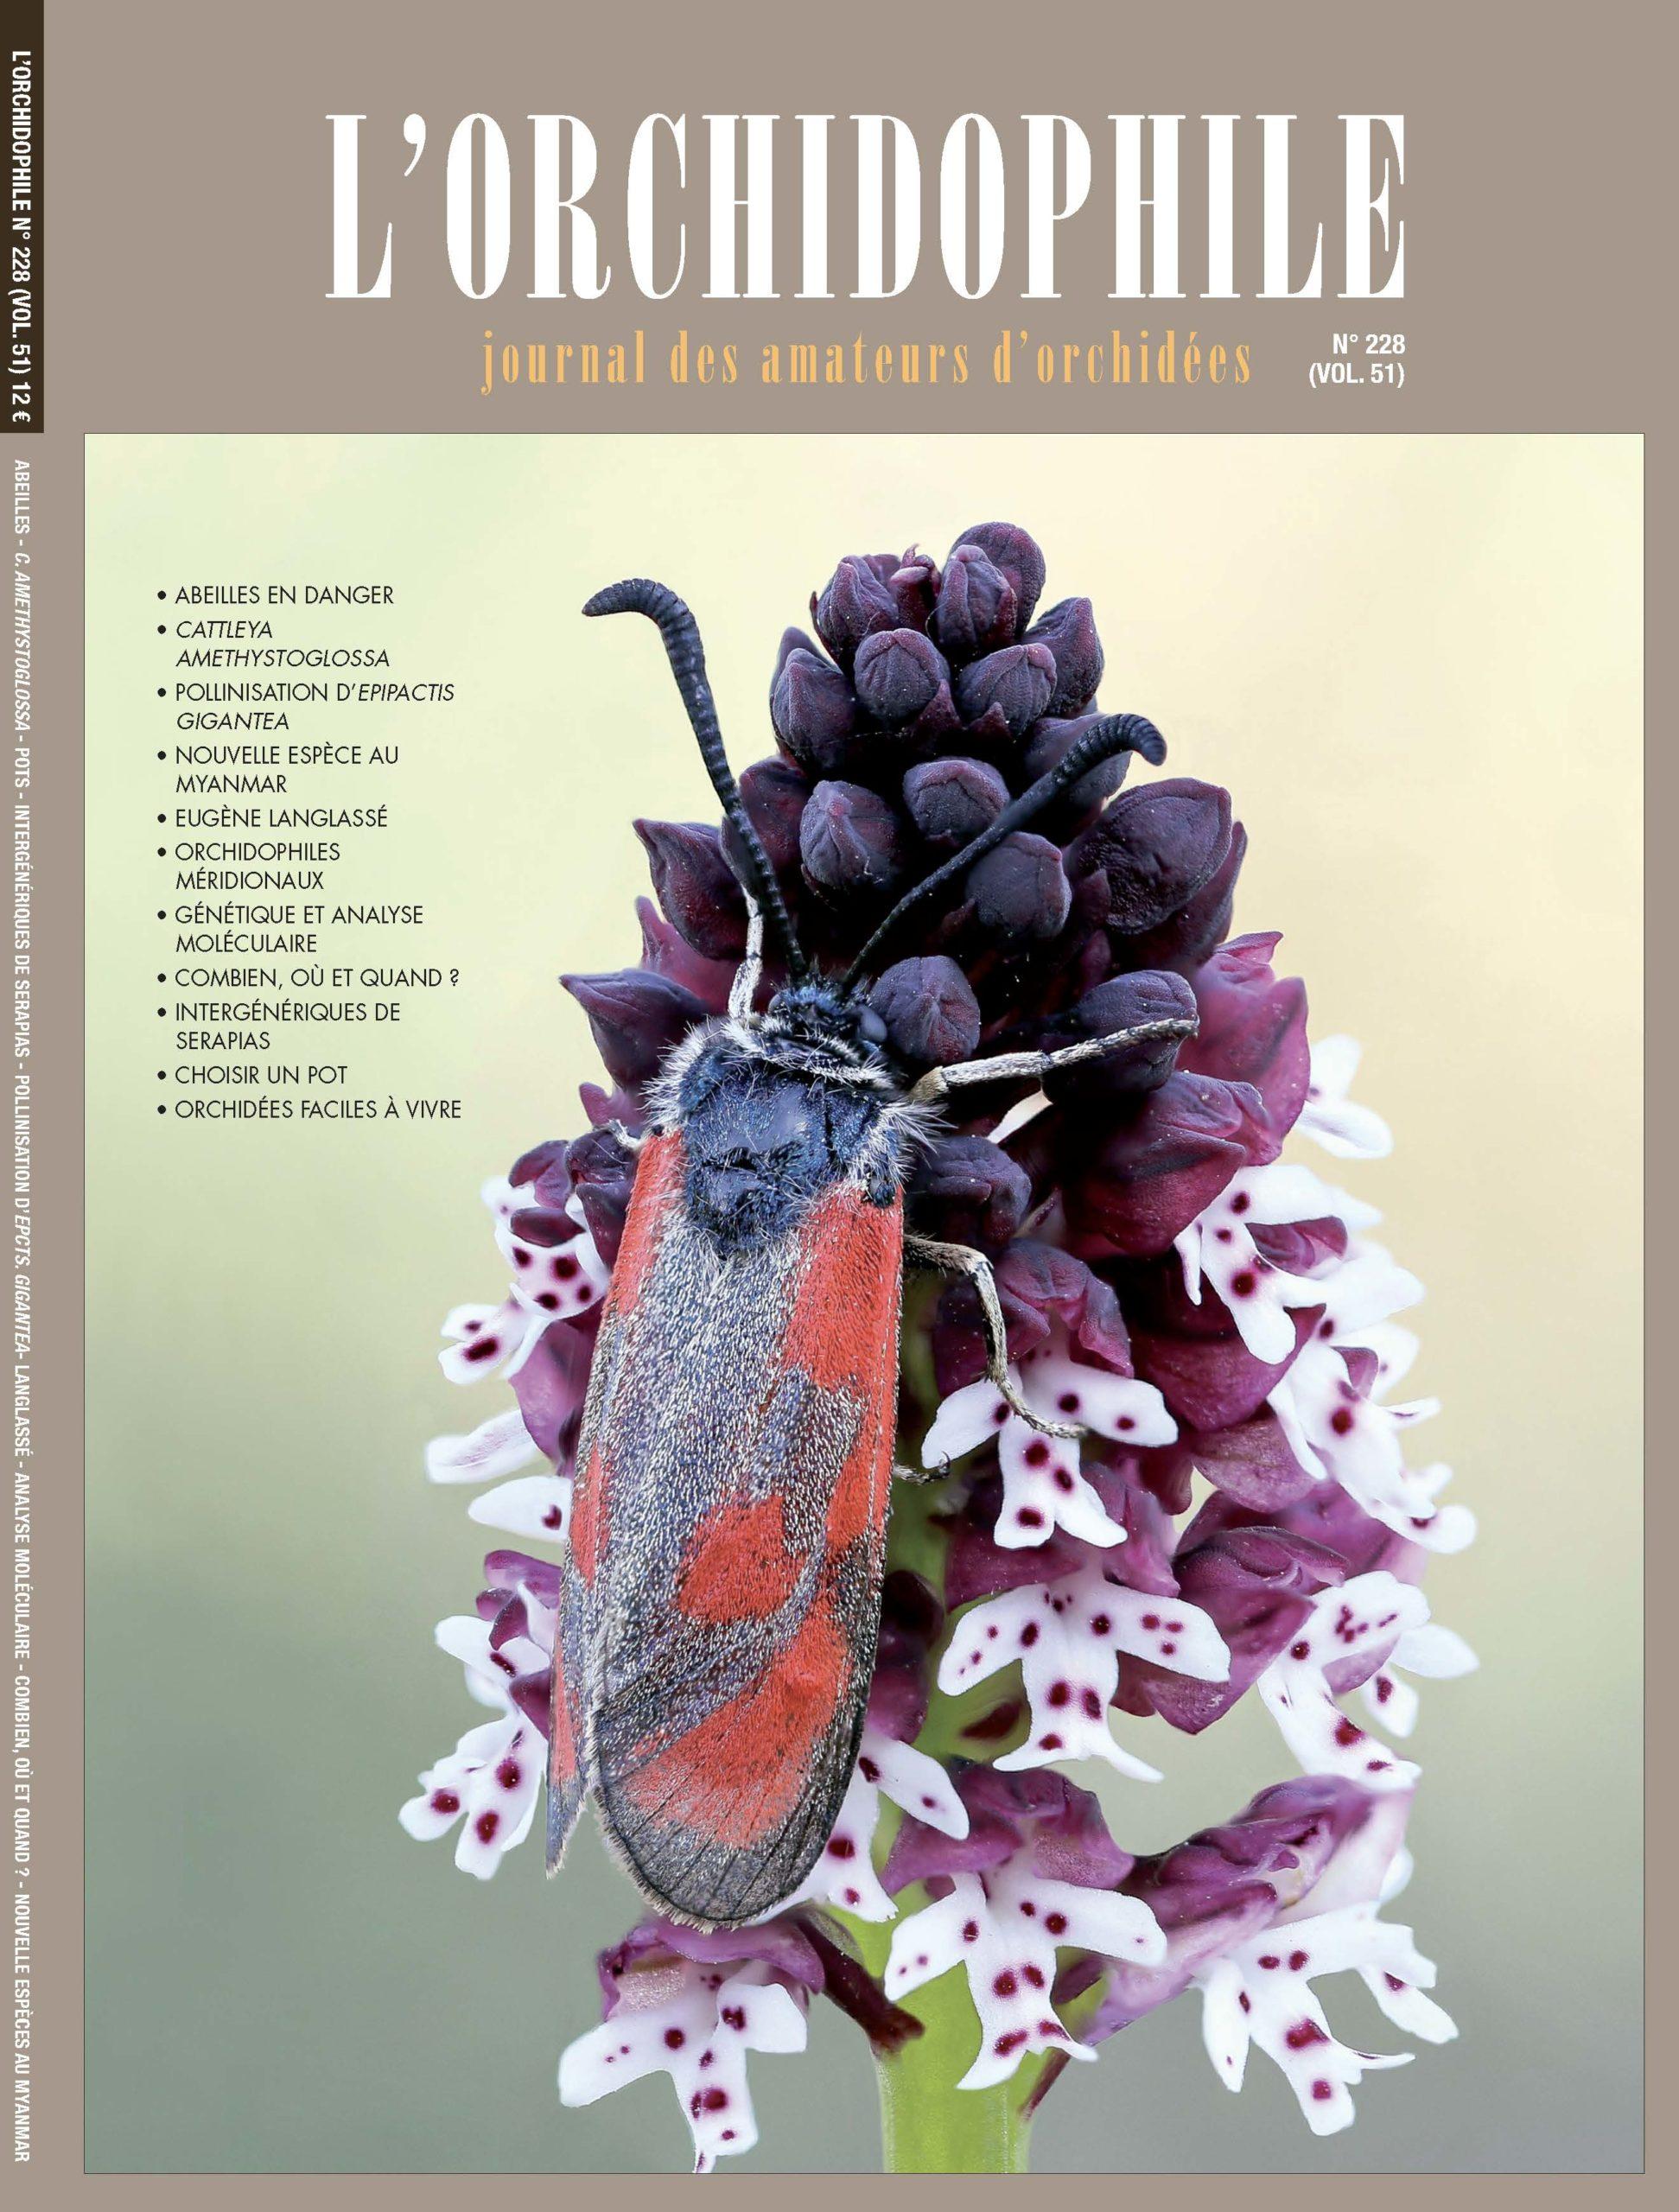 L'Orchidophile n°228